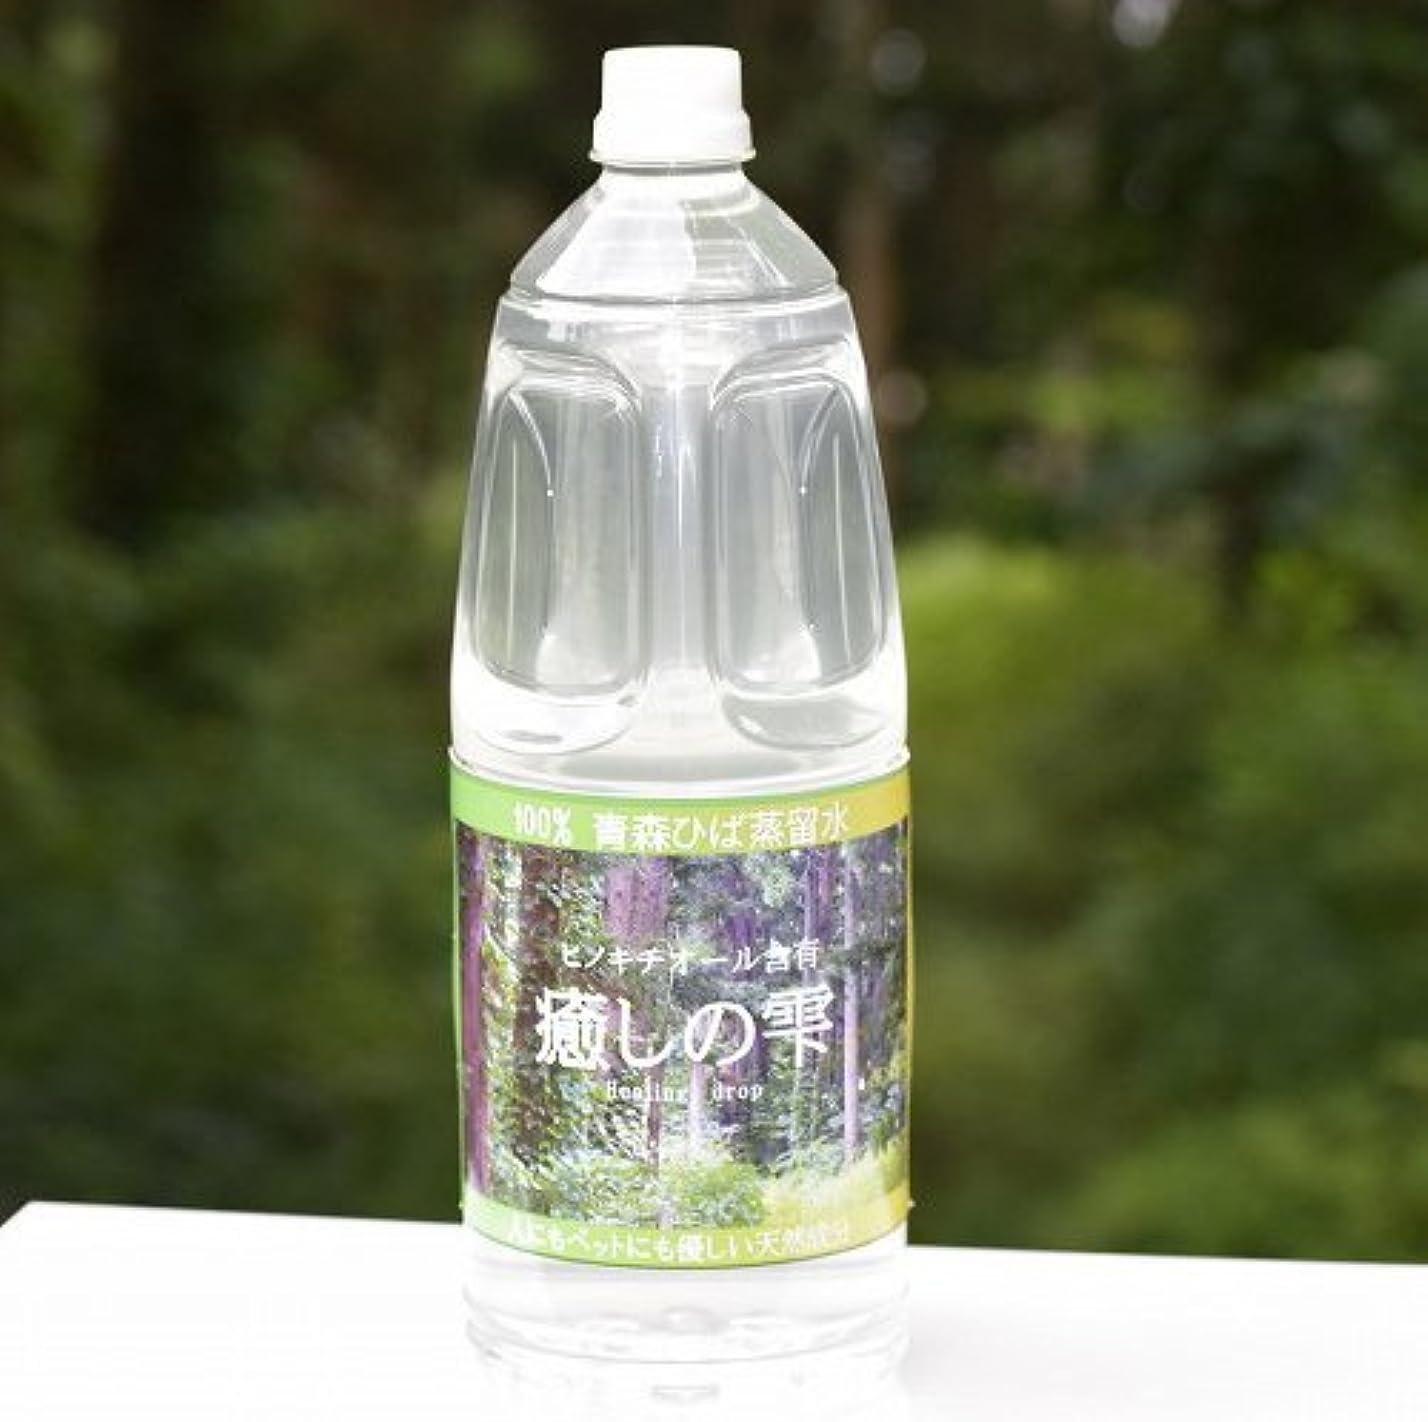 マラウイ集団はさみ青森ひば 天然ヒバ水 癒しの雫 蒸留水 送料無料 1.8L×10本